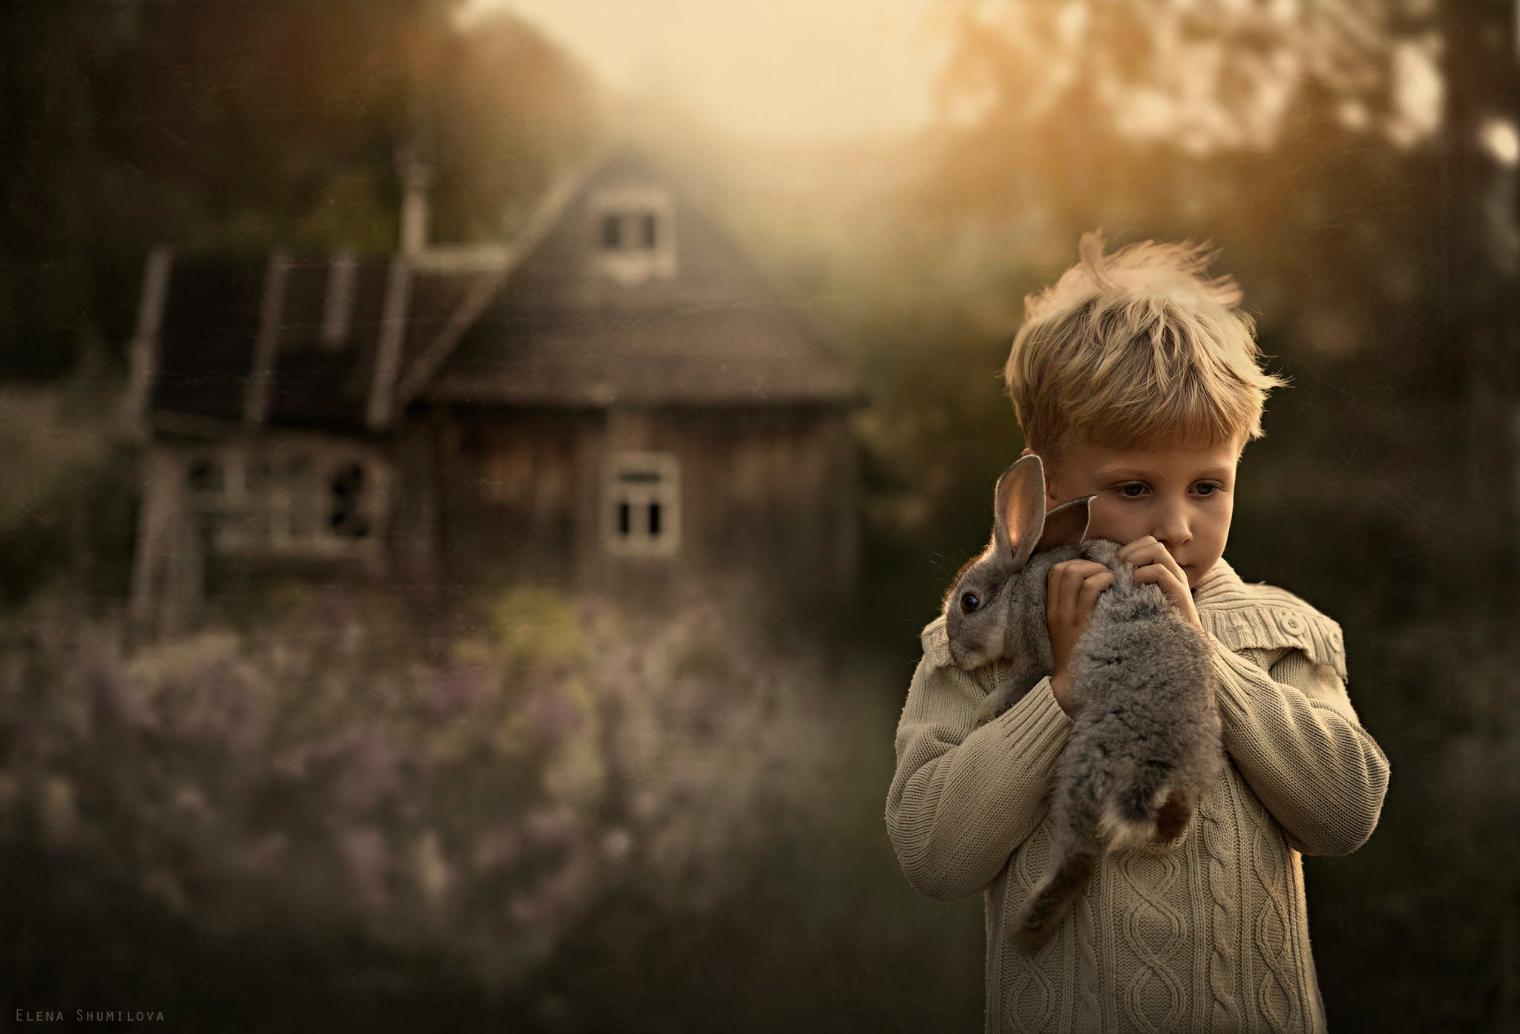 Elena Shumilova – Photographie8